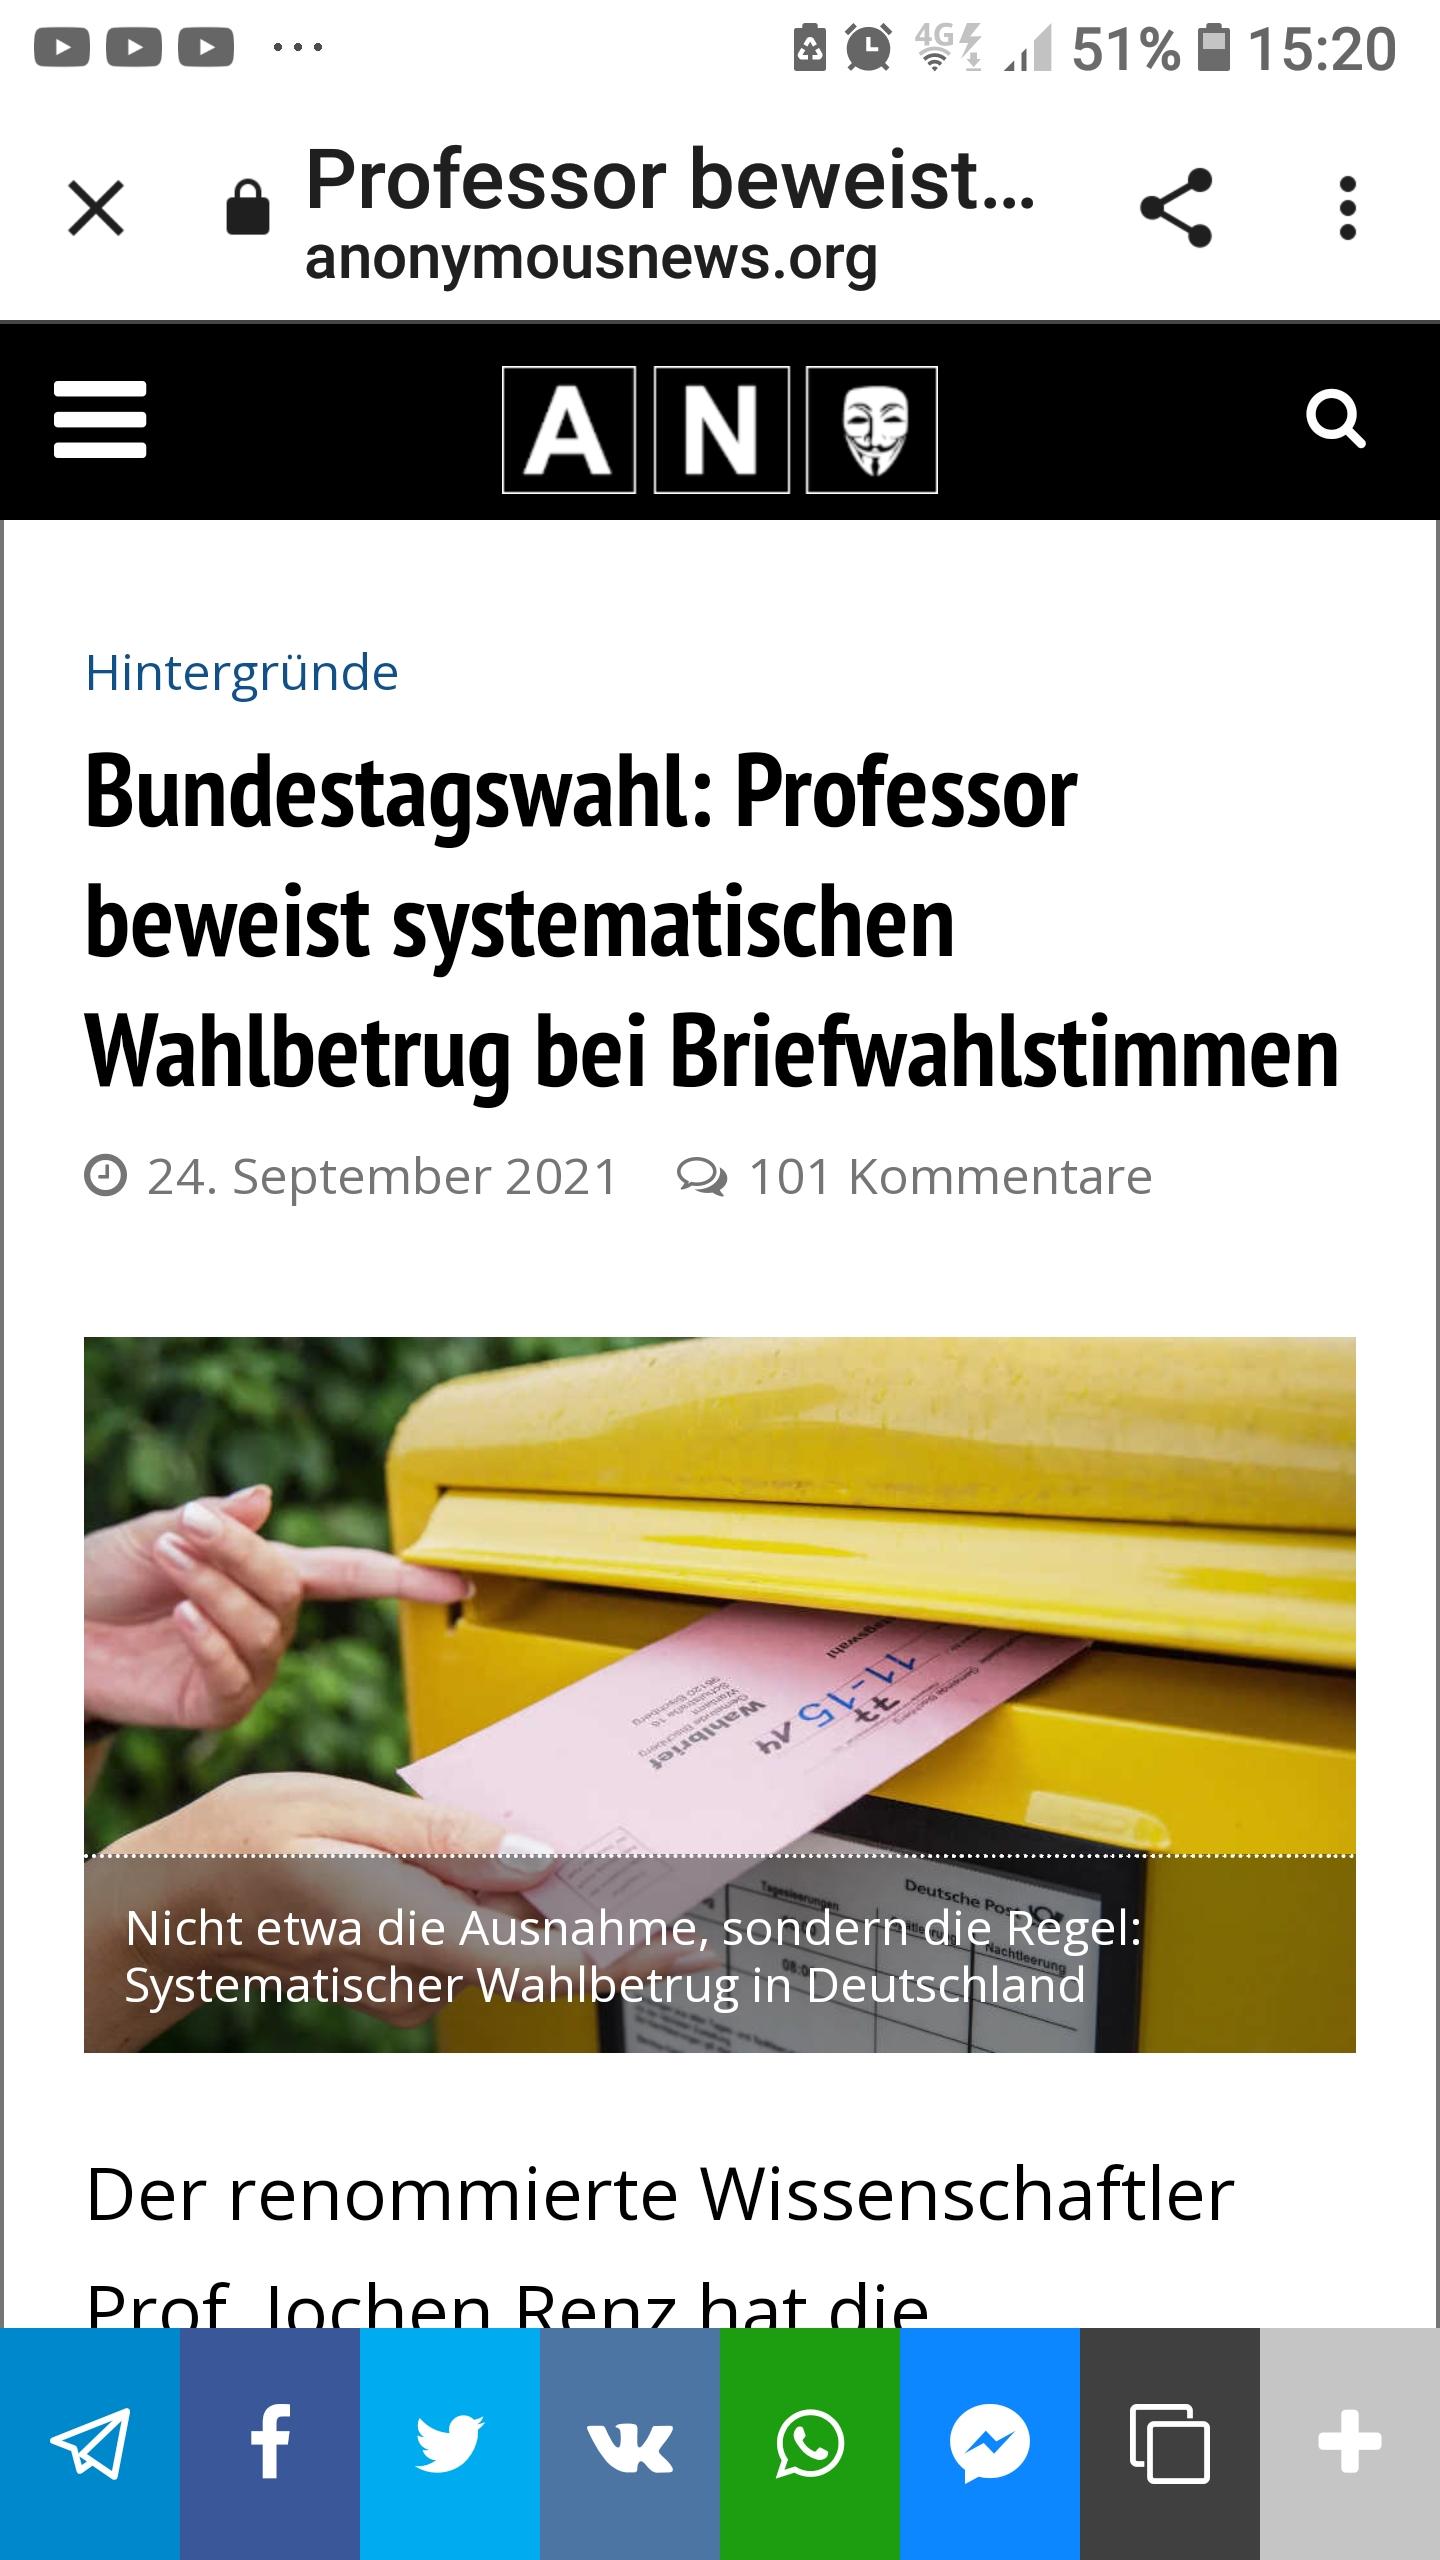 Wahlbetrug bei Bundestagswahl 2021 durch Professor bewiesen